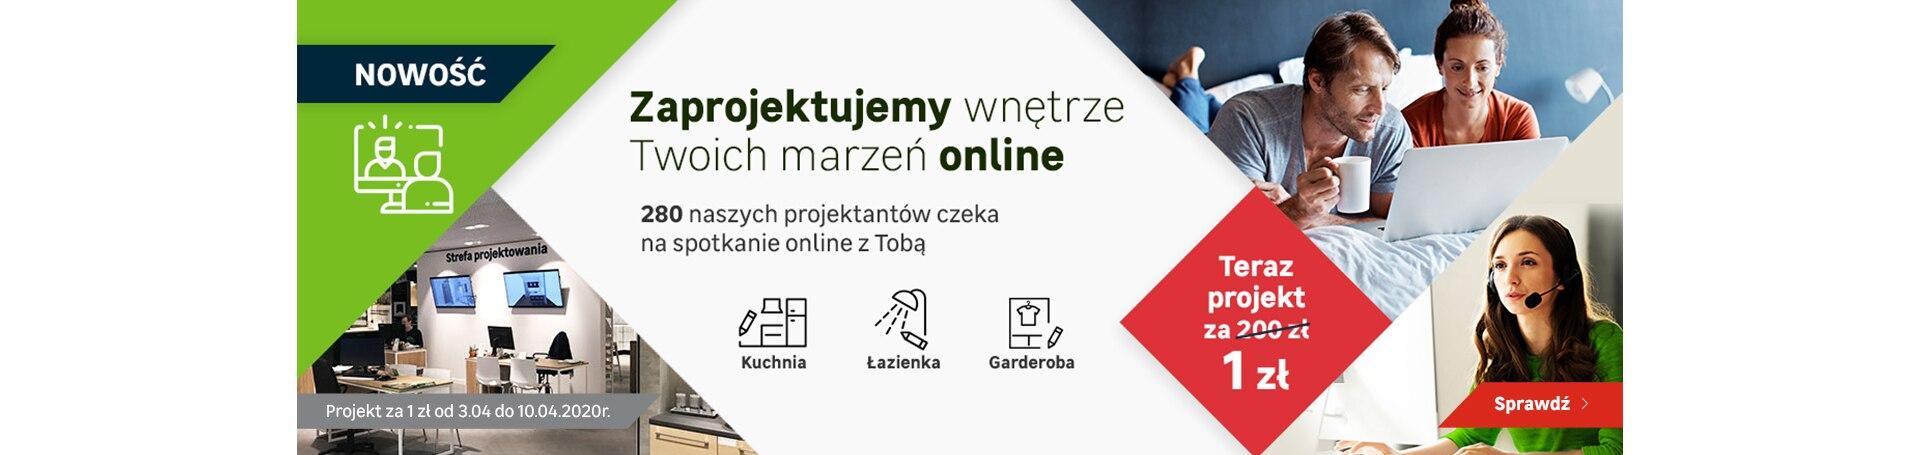 rr-projektowanie-online-promo-3-10.04.2020-1323x455